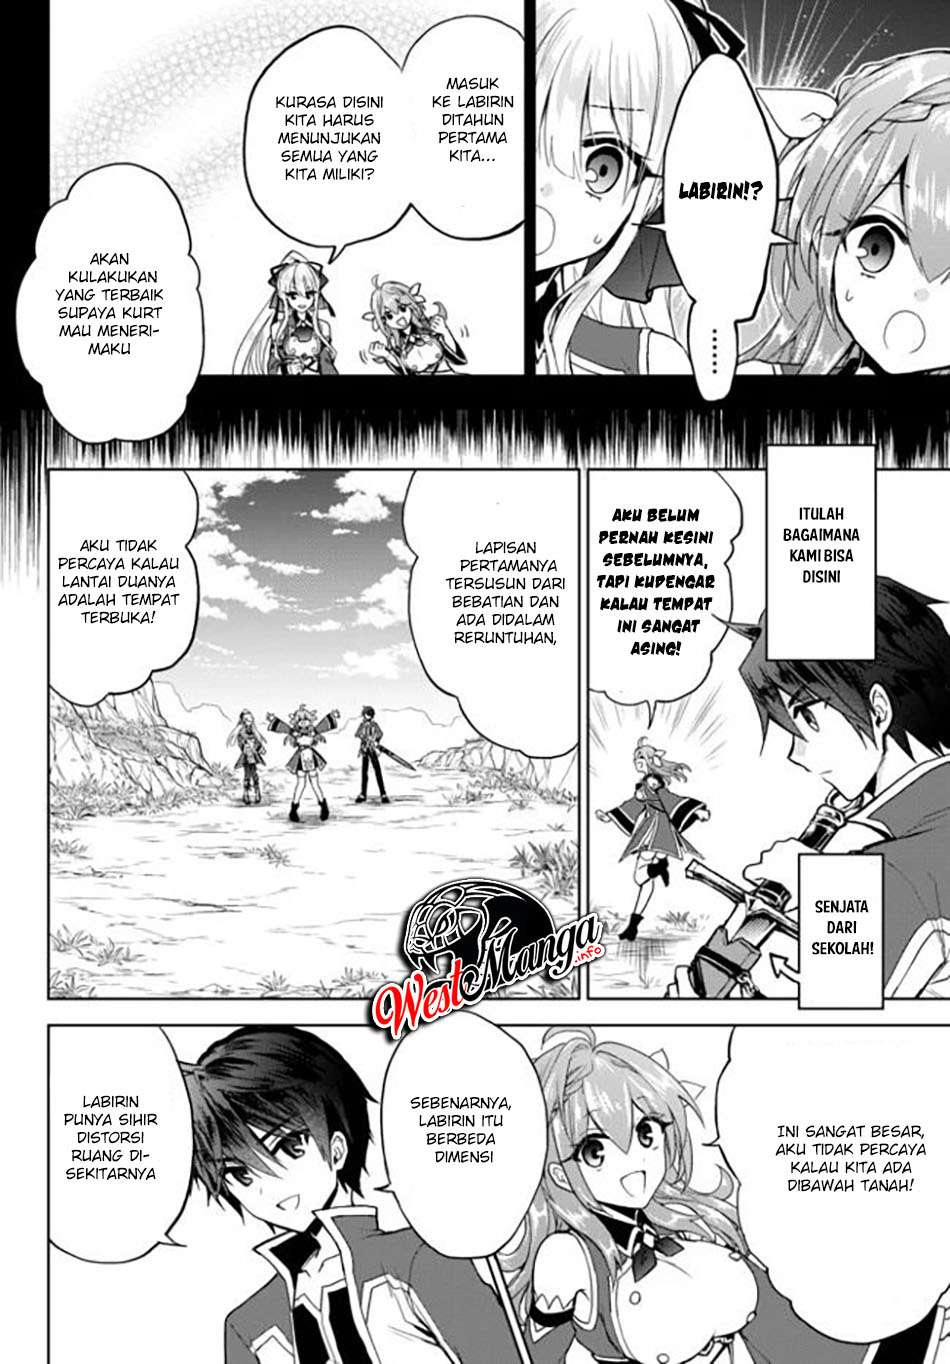 Nishuume Cheat no Tensei Madoushi: Saikyou ga 1000-nengo ni Tensei Shitara, Jinsei Yoyuu Sugimashita: Chapter 04.1 - Page 5